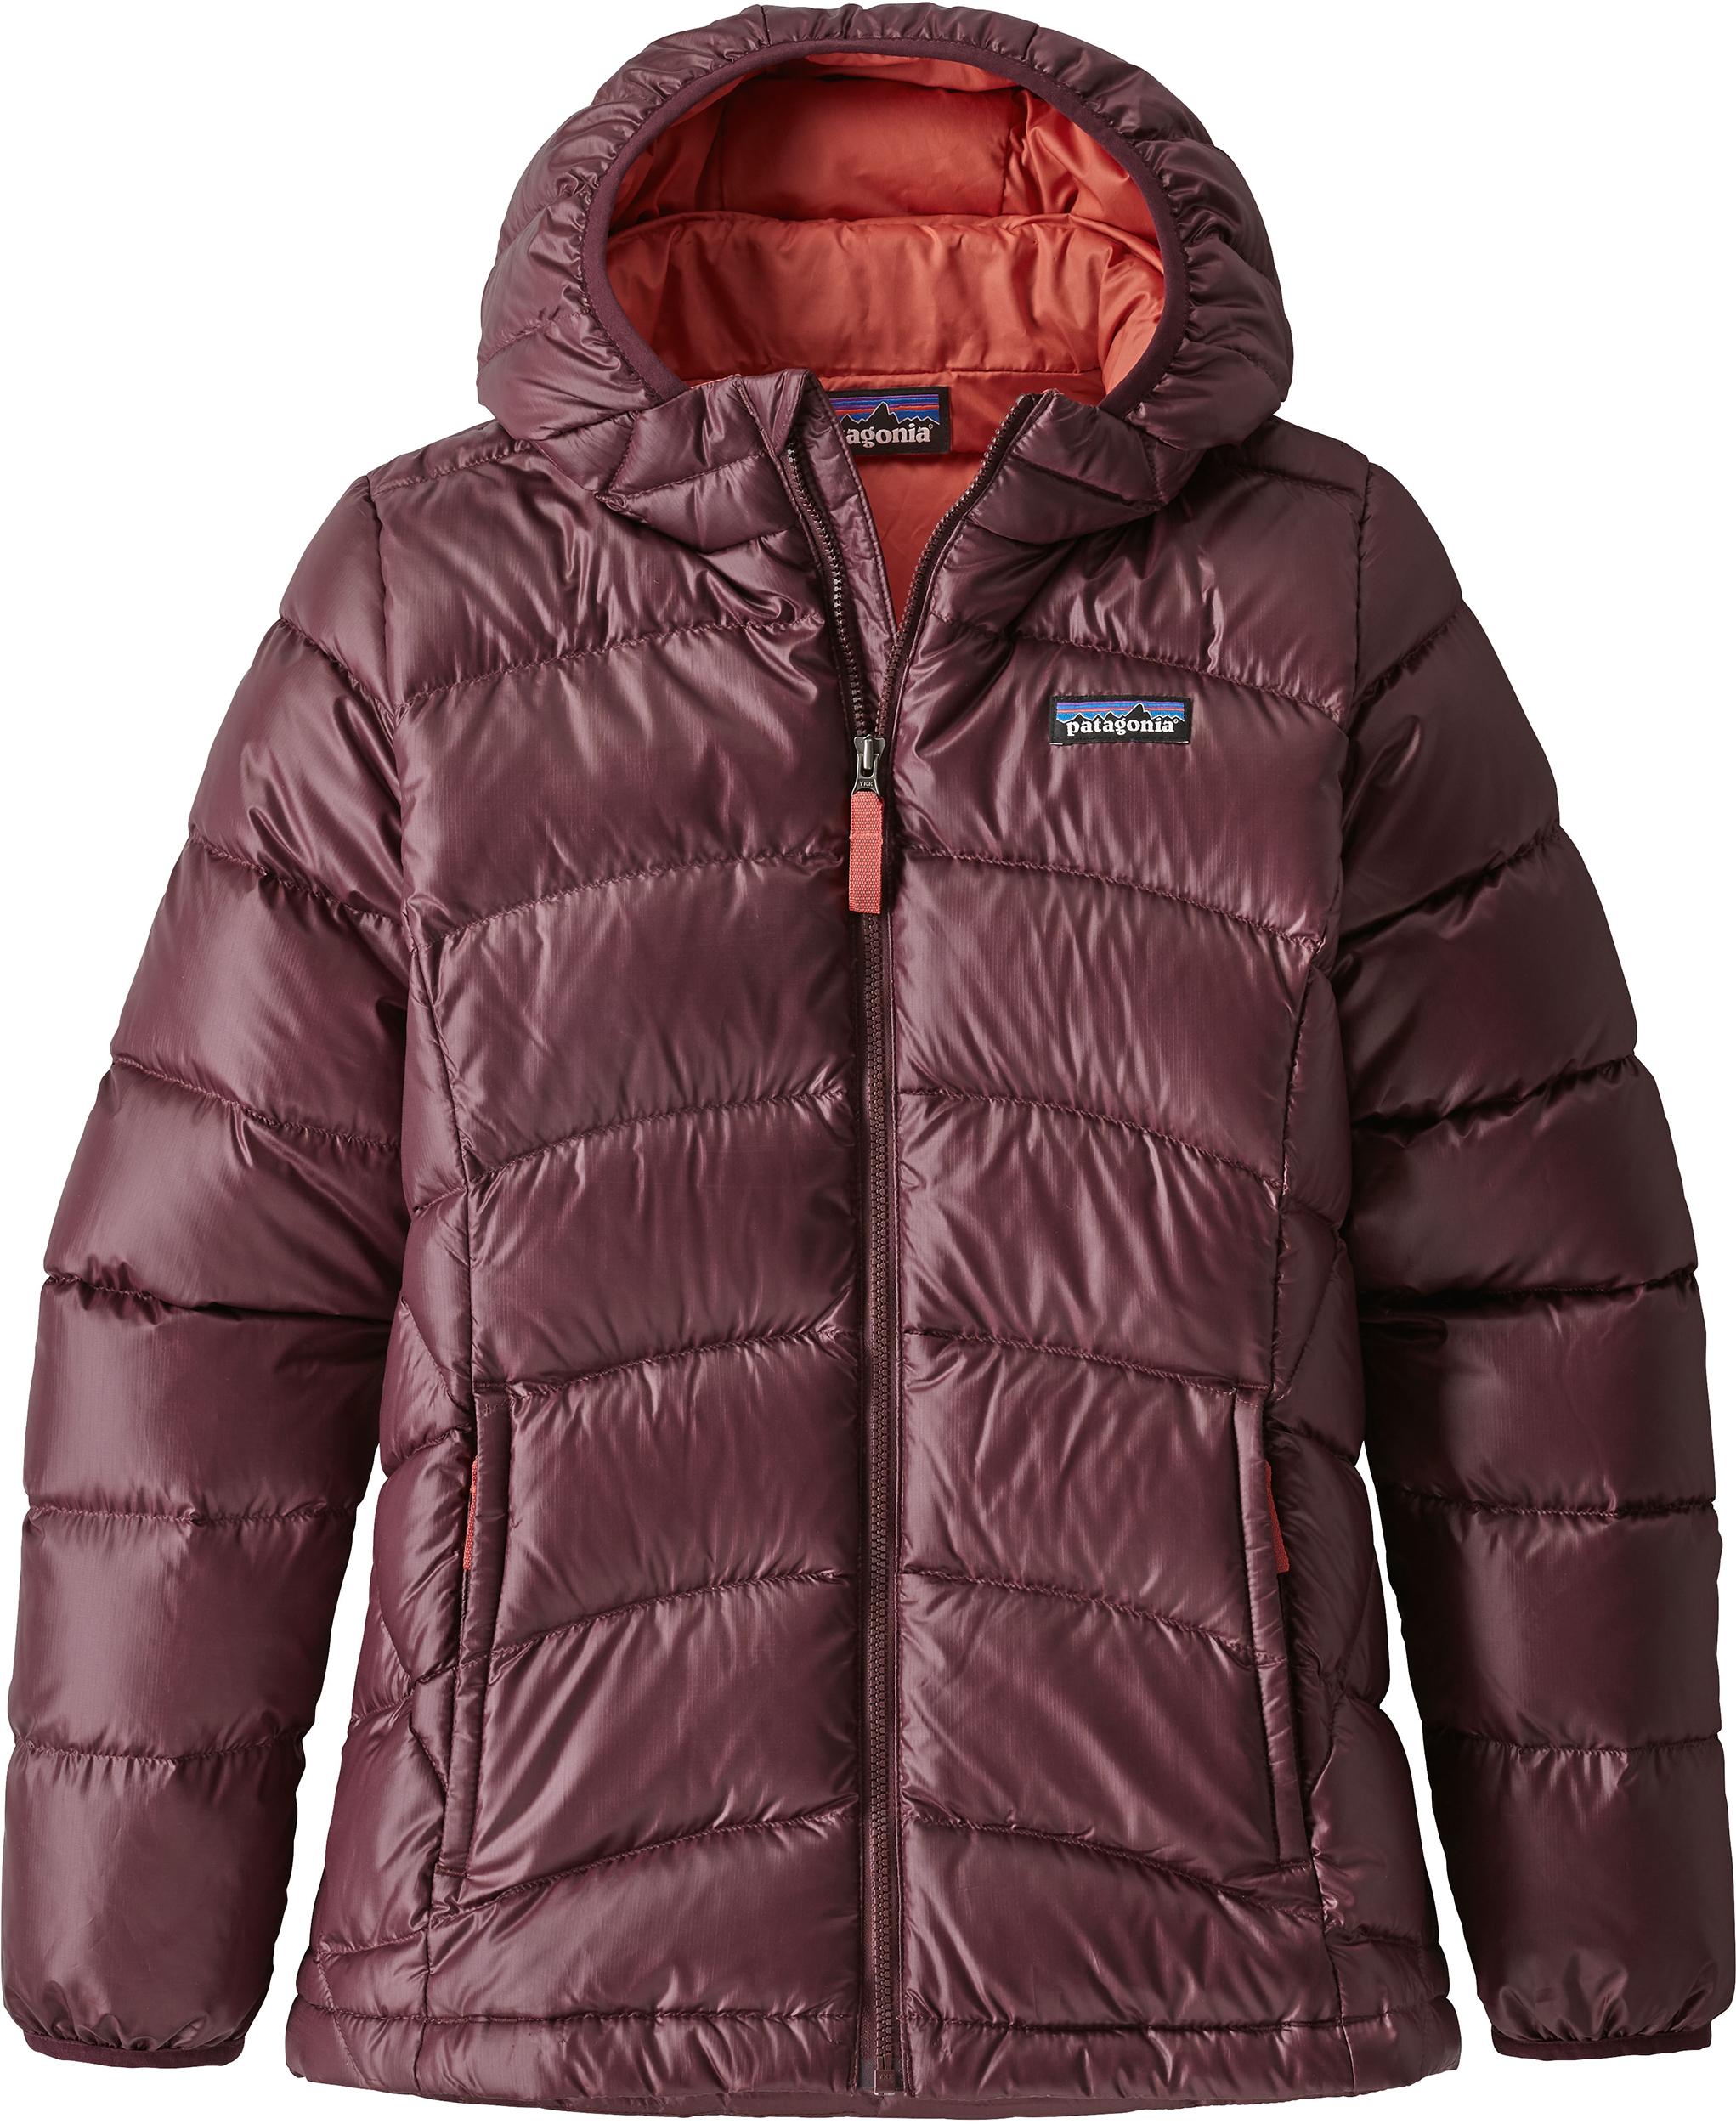 dd3f520b0 Youth down jackets | MEC